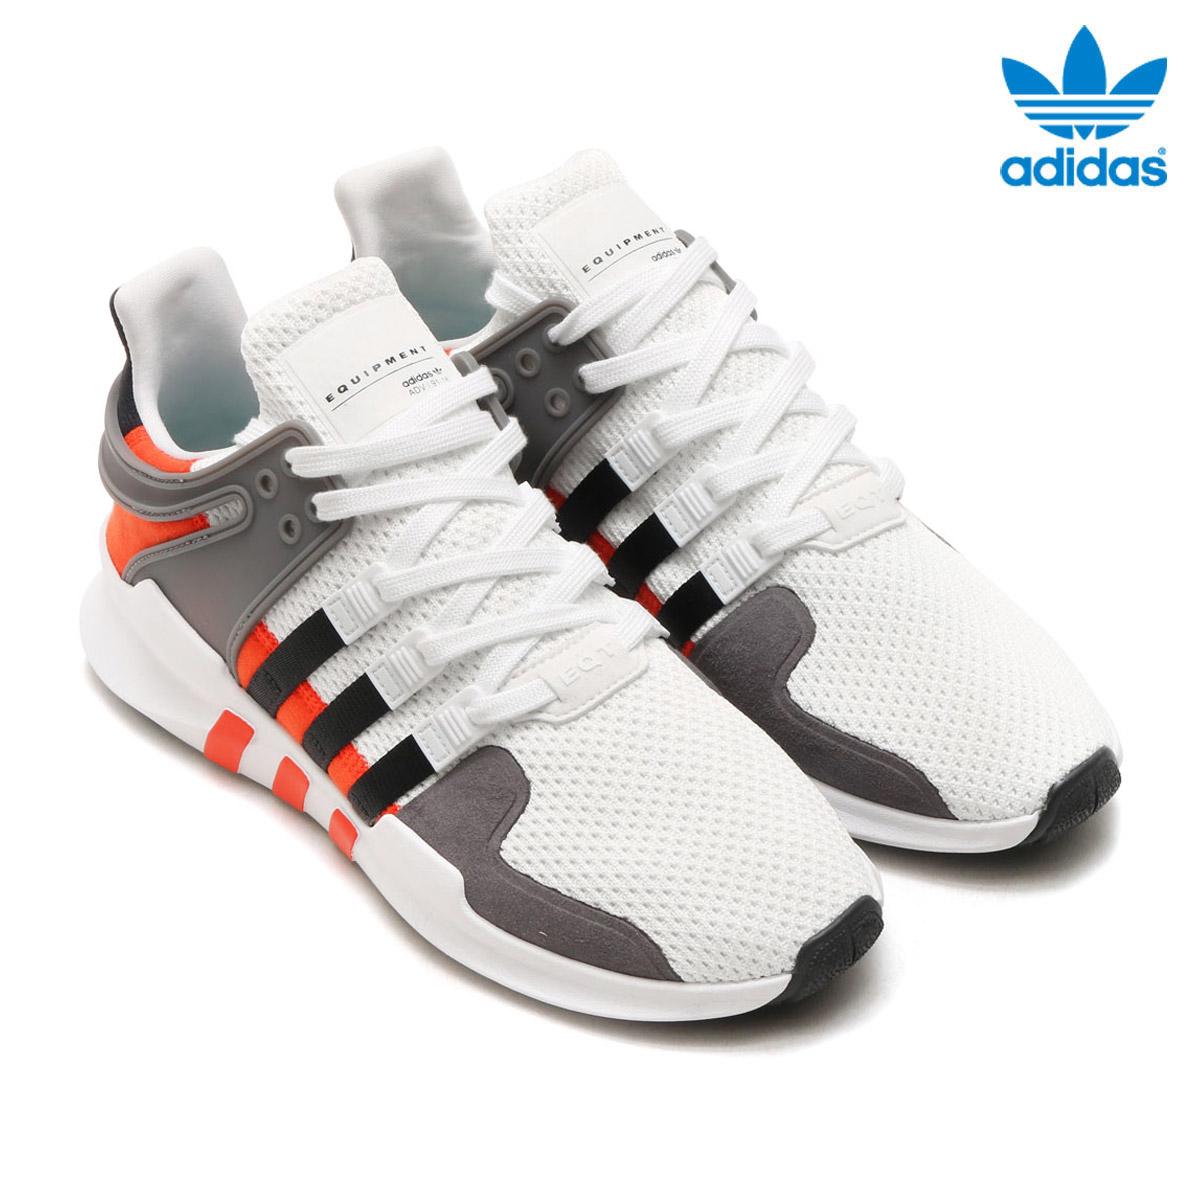 atmos pink  adidas Originals EQT SUPPORTADV (Adidas EQT support ADV ... 094958efd